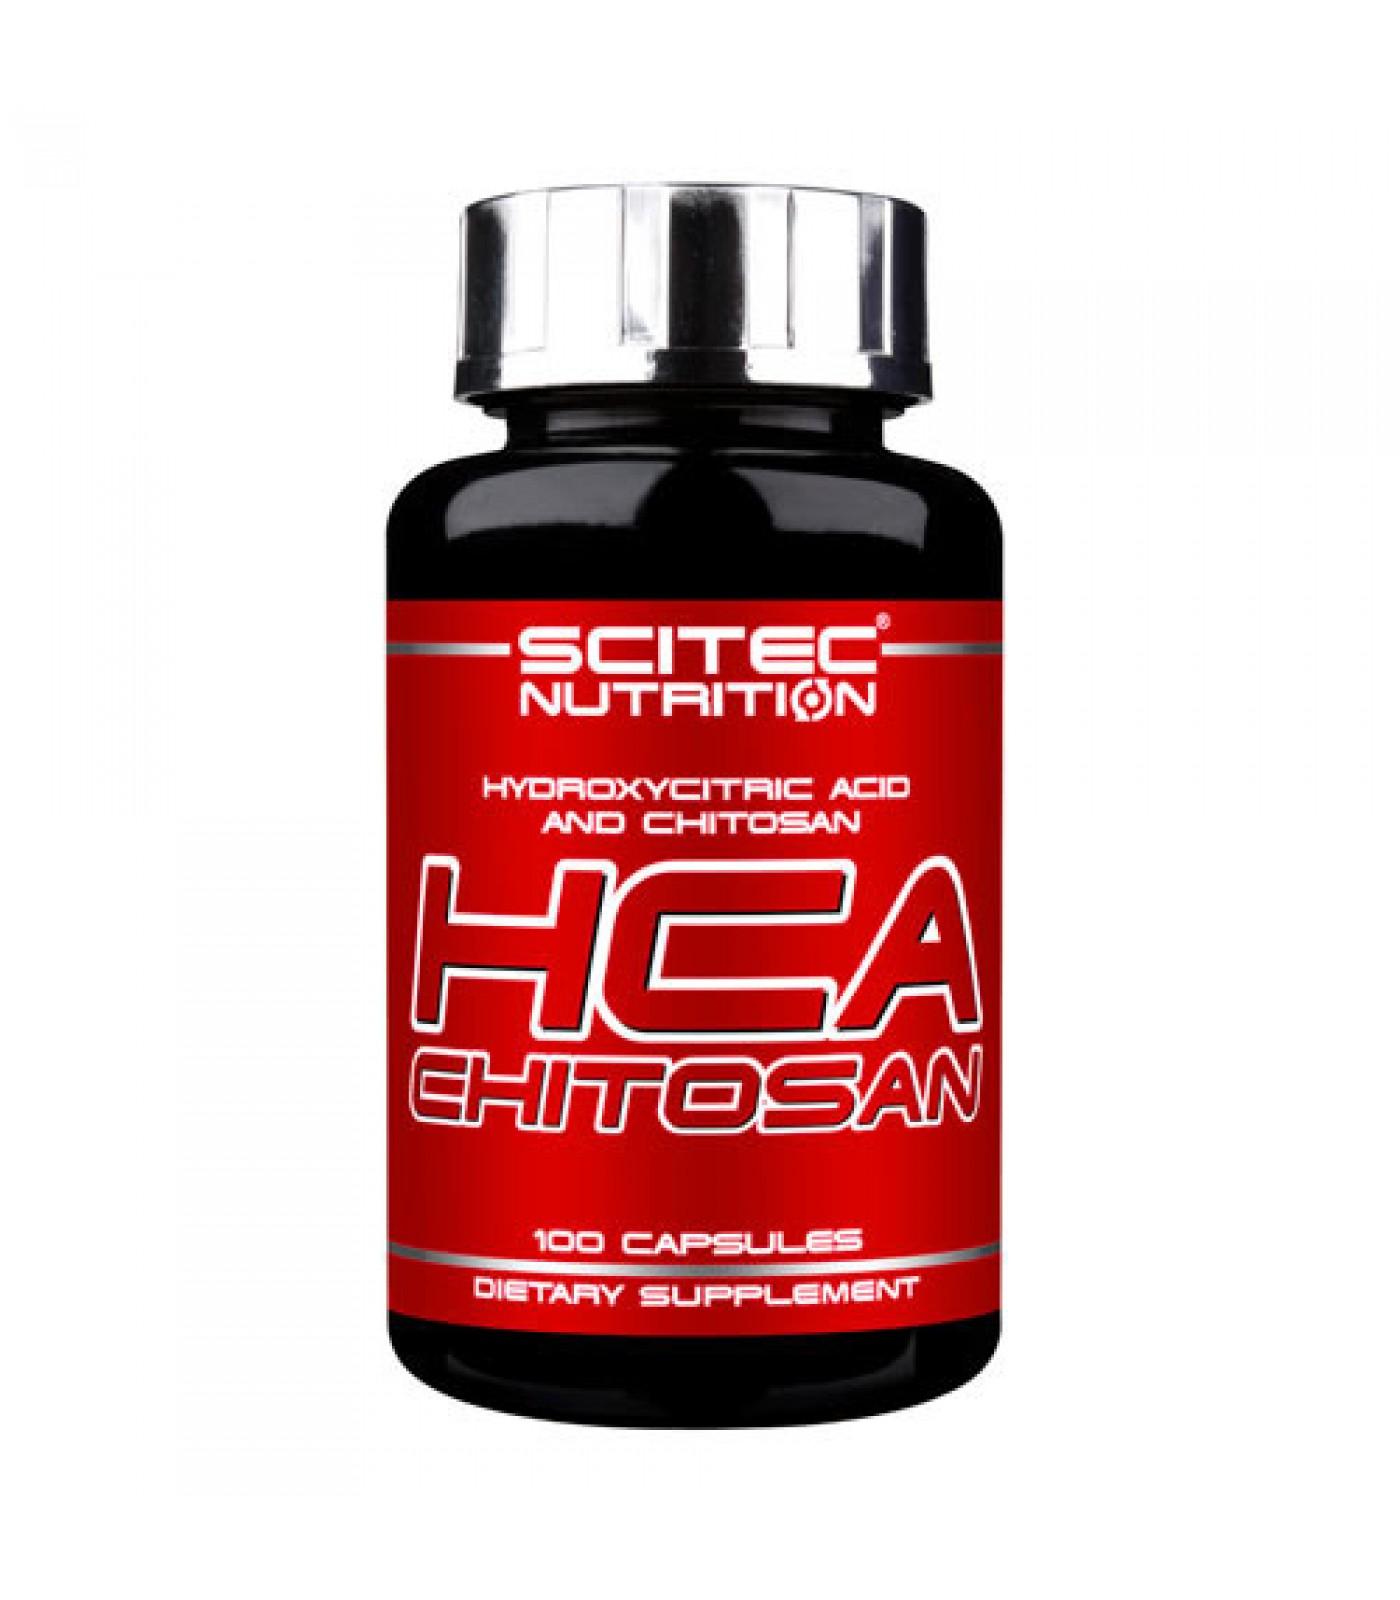 Scitec - HCA Chitosan / 100 caps